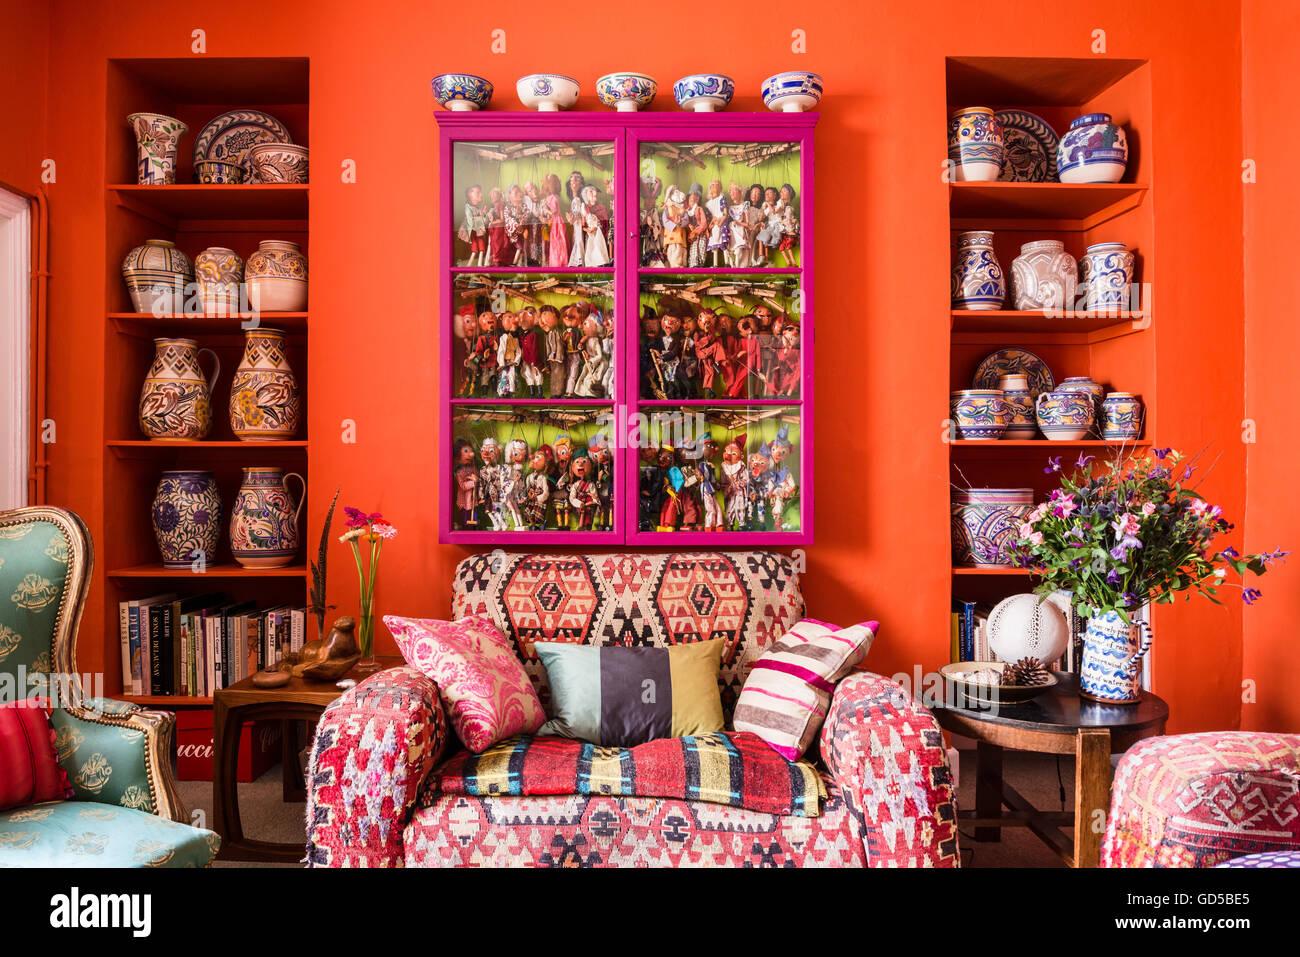 Club sofá tapizado en kilim material debajo del armario rosa con frente de vidrio que contiene la colección Imagen De Stock